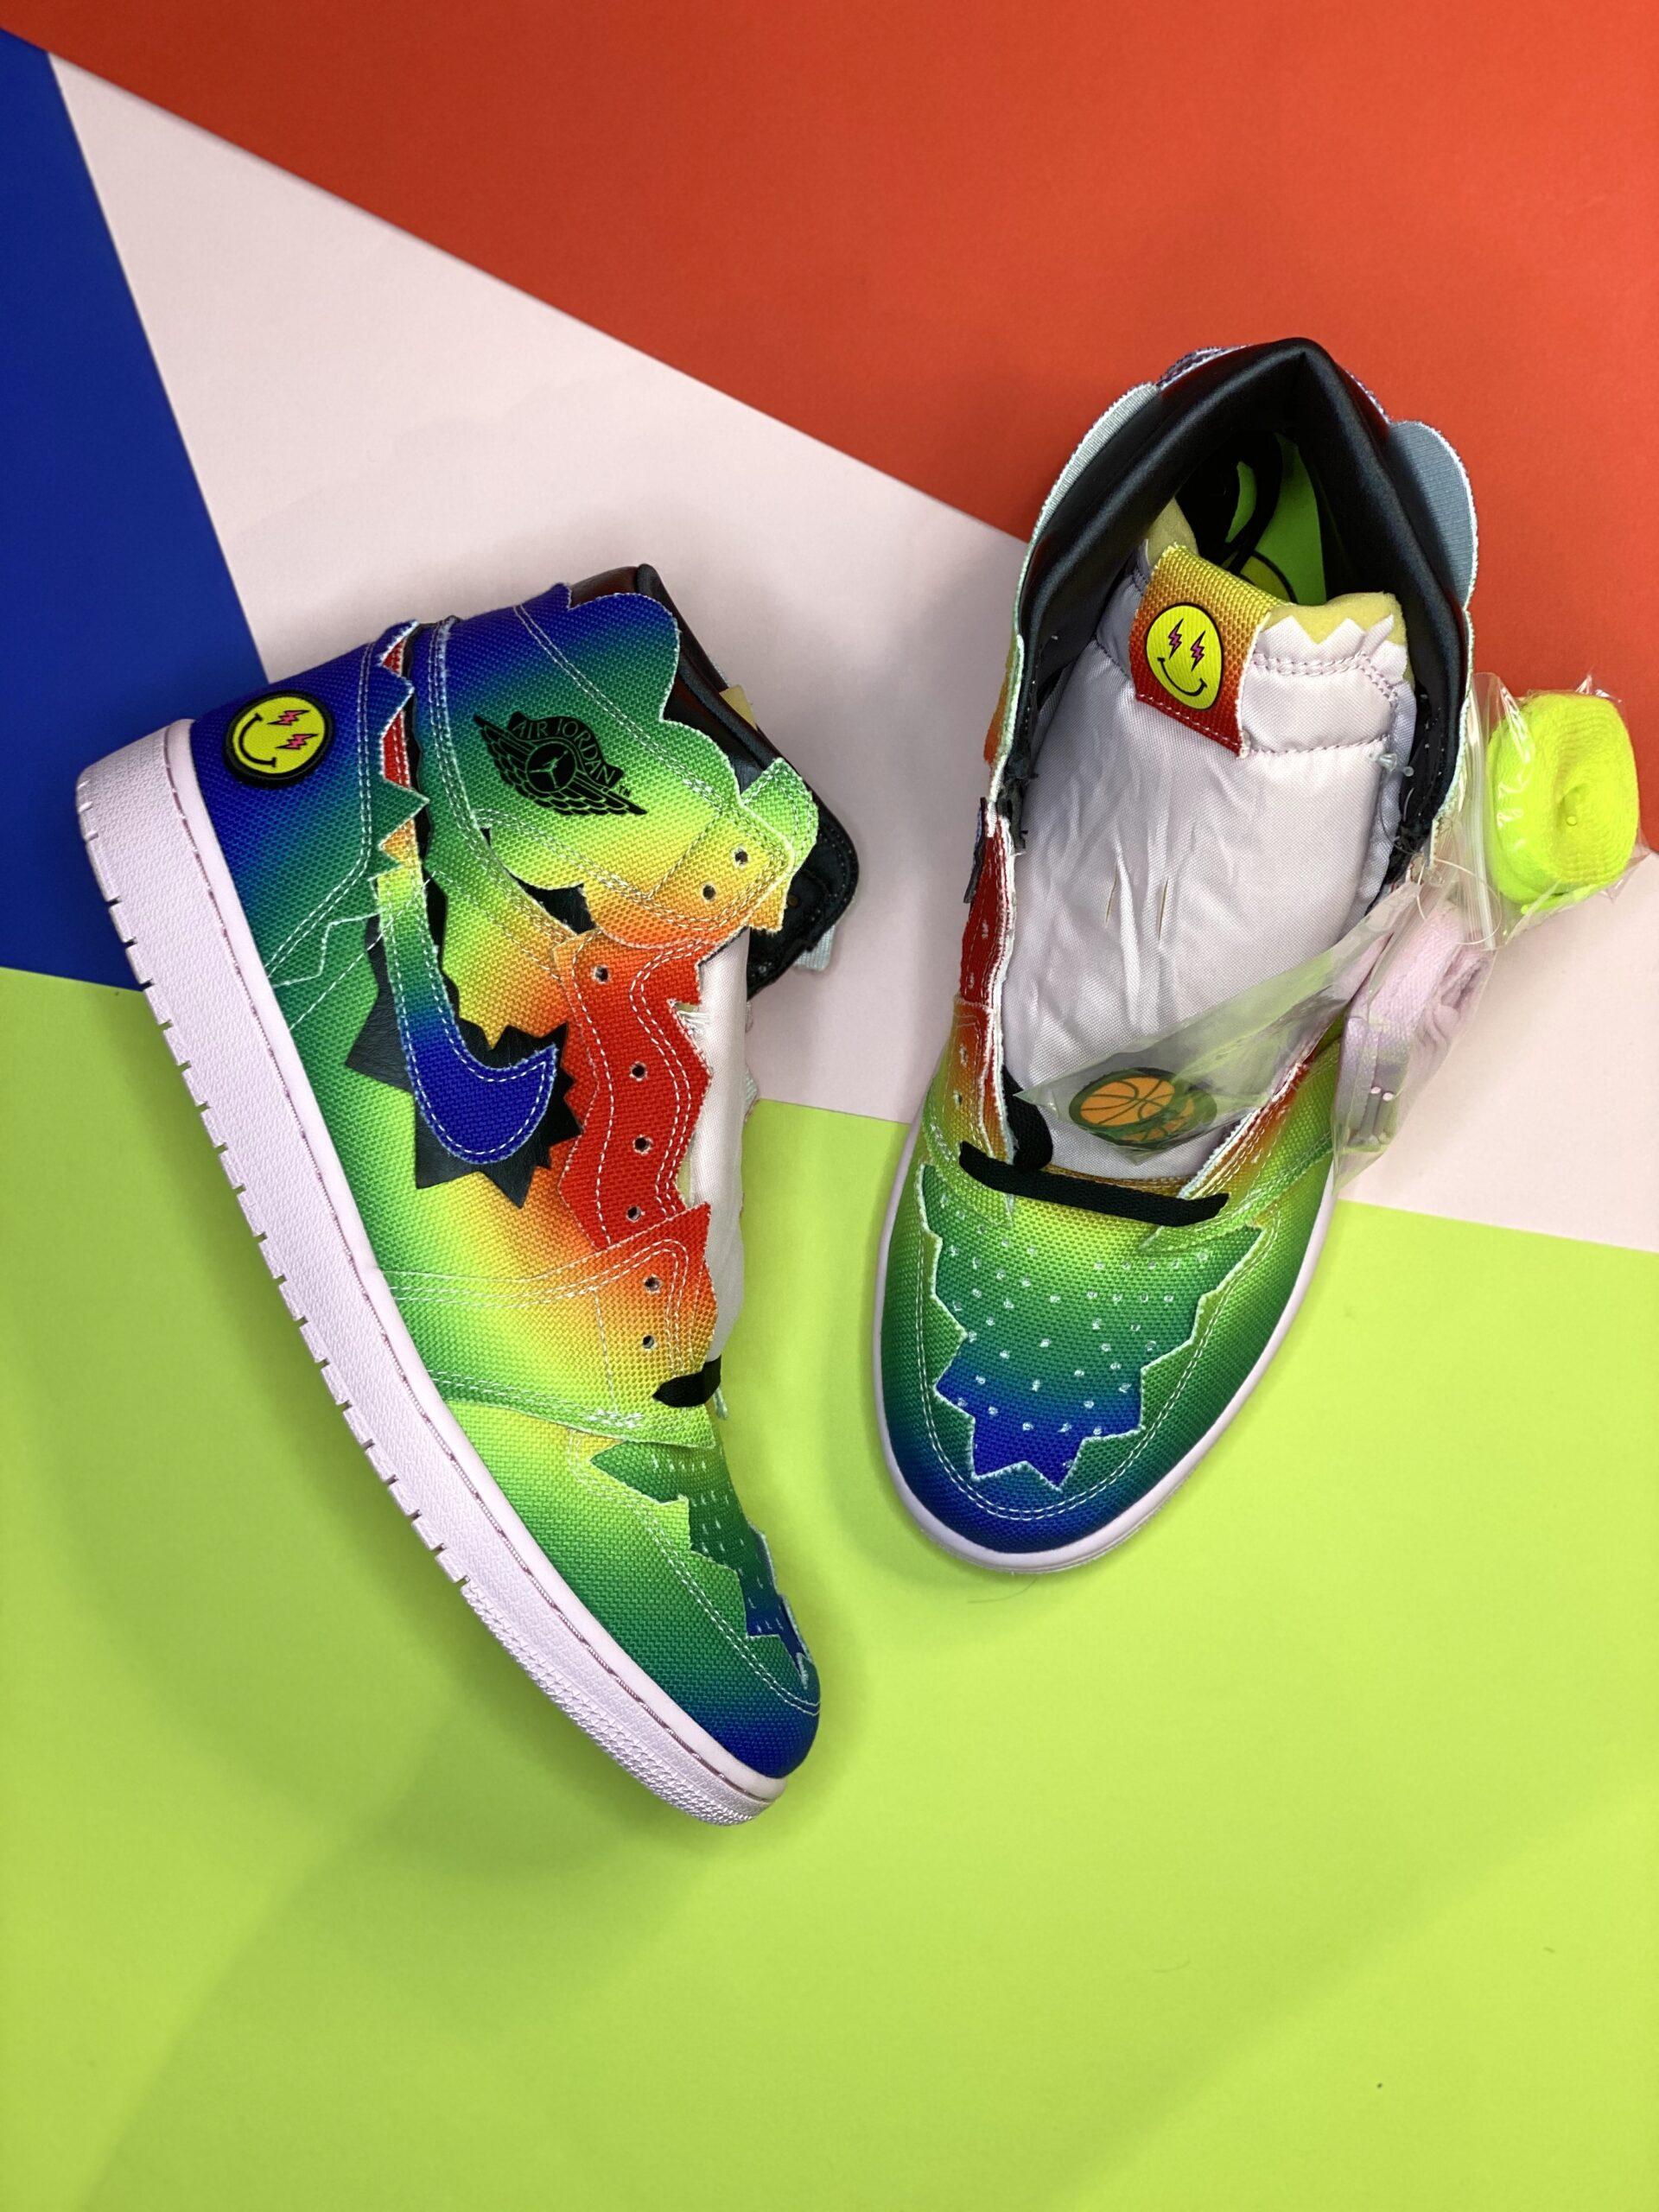 Nike x J Balvin